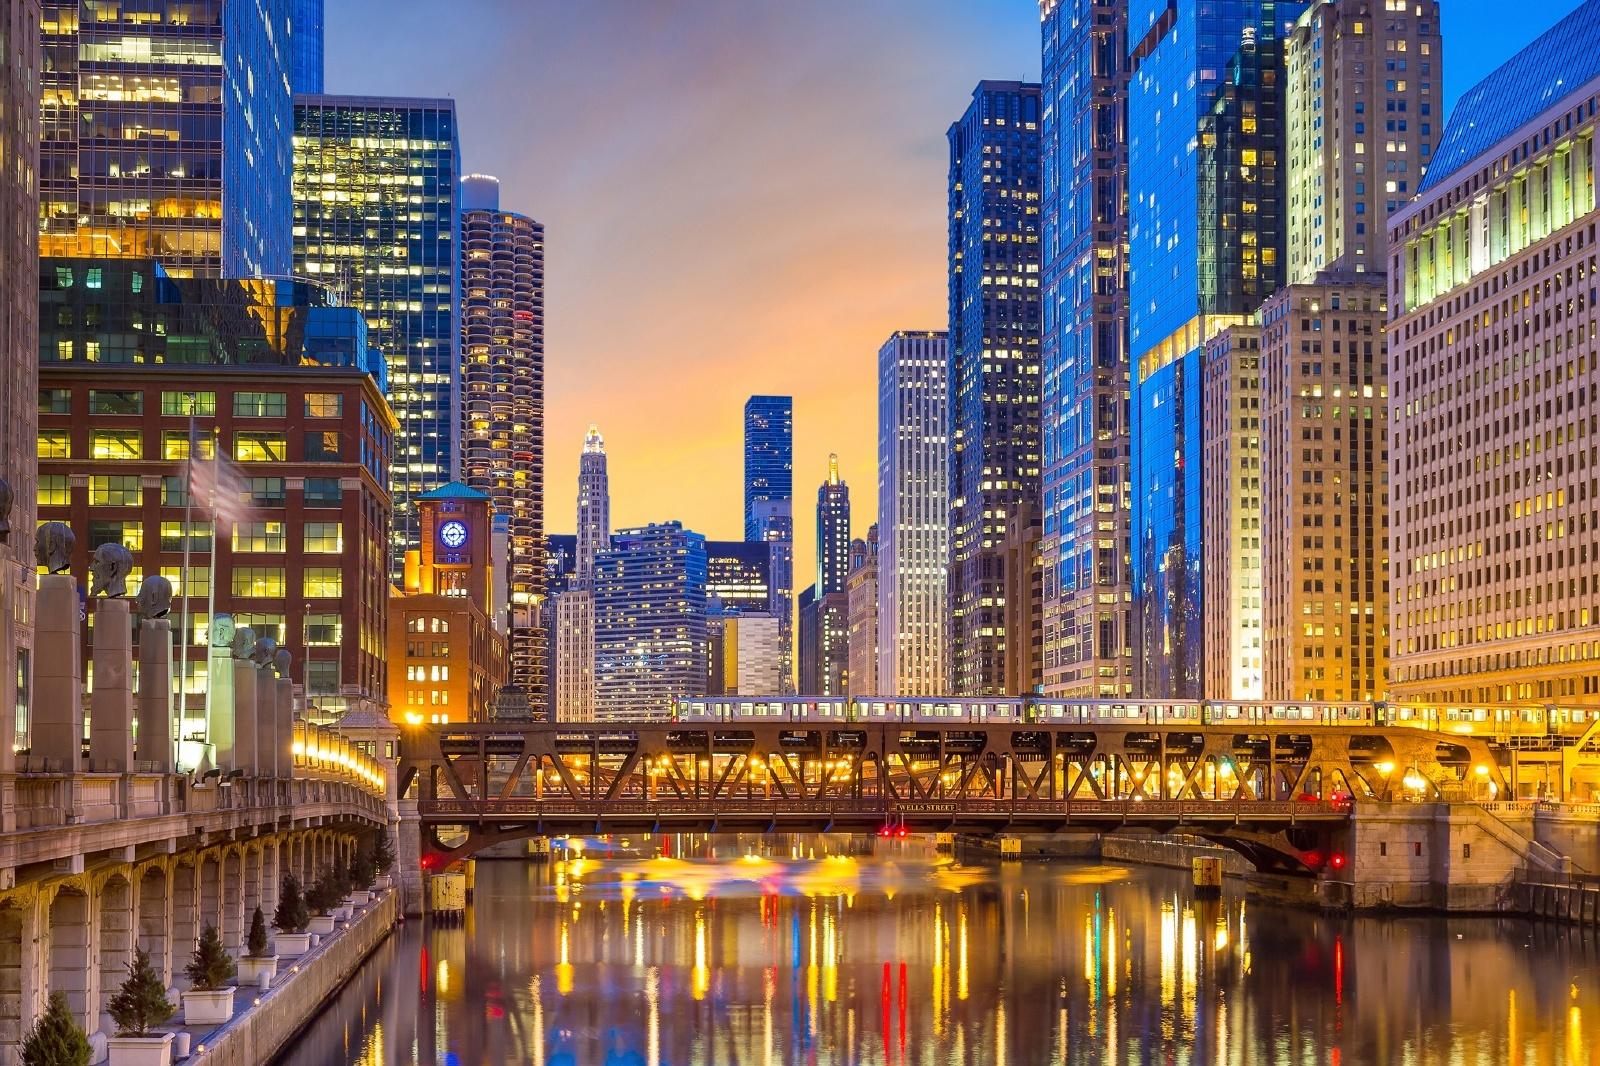 シカゴ川を渡るシカゴ'L' アメリカの鉄道風景